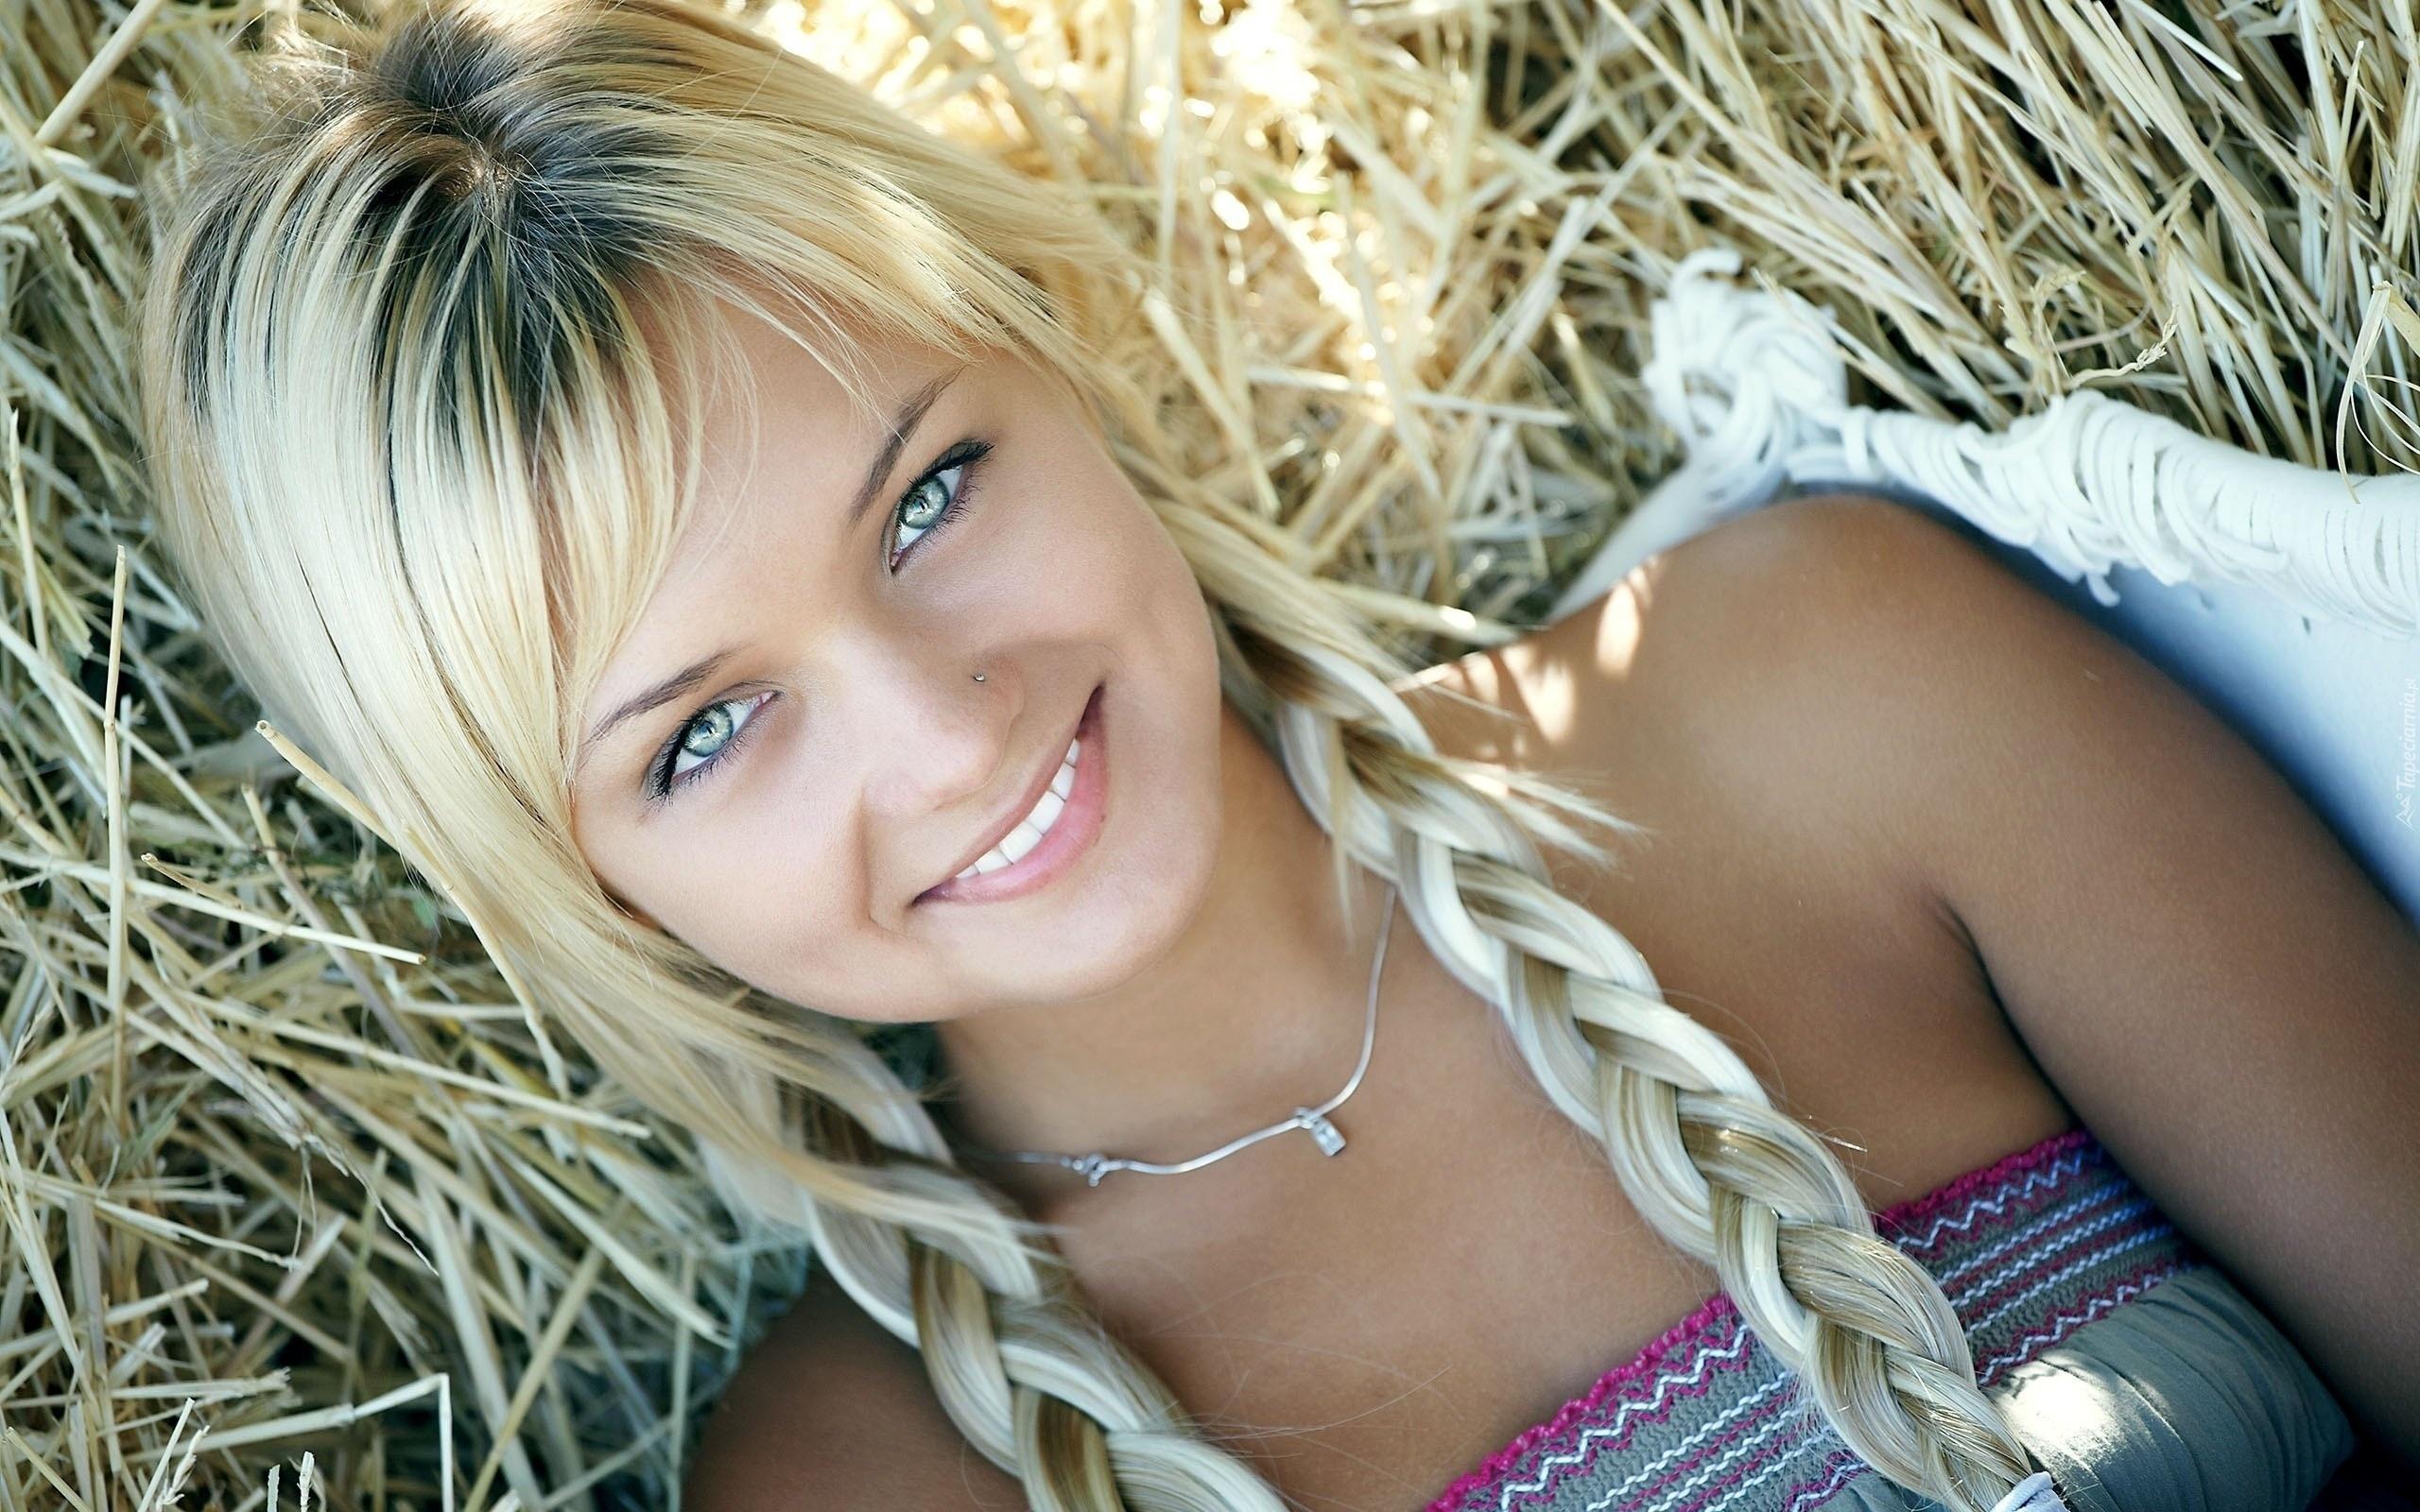 Фото красивых русских девушек 18 12 фотография